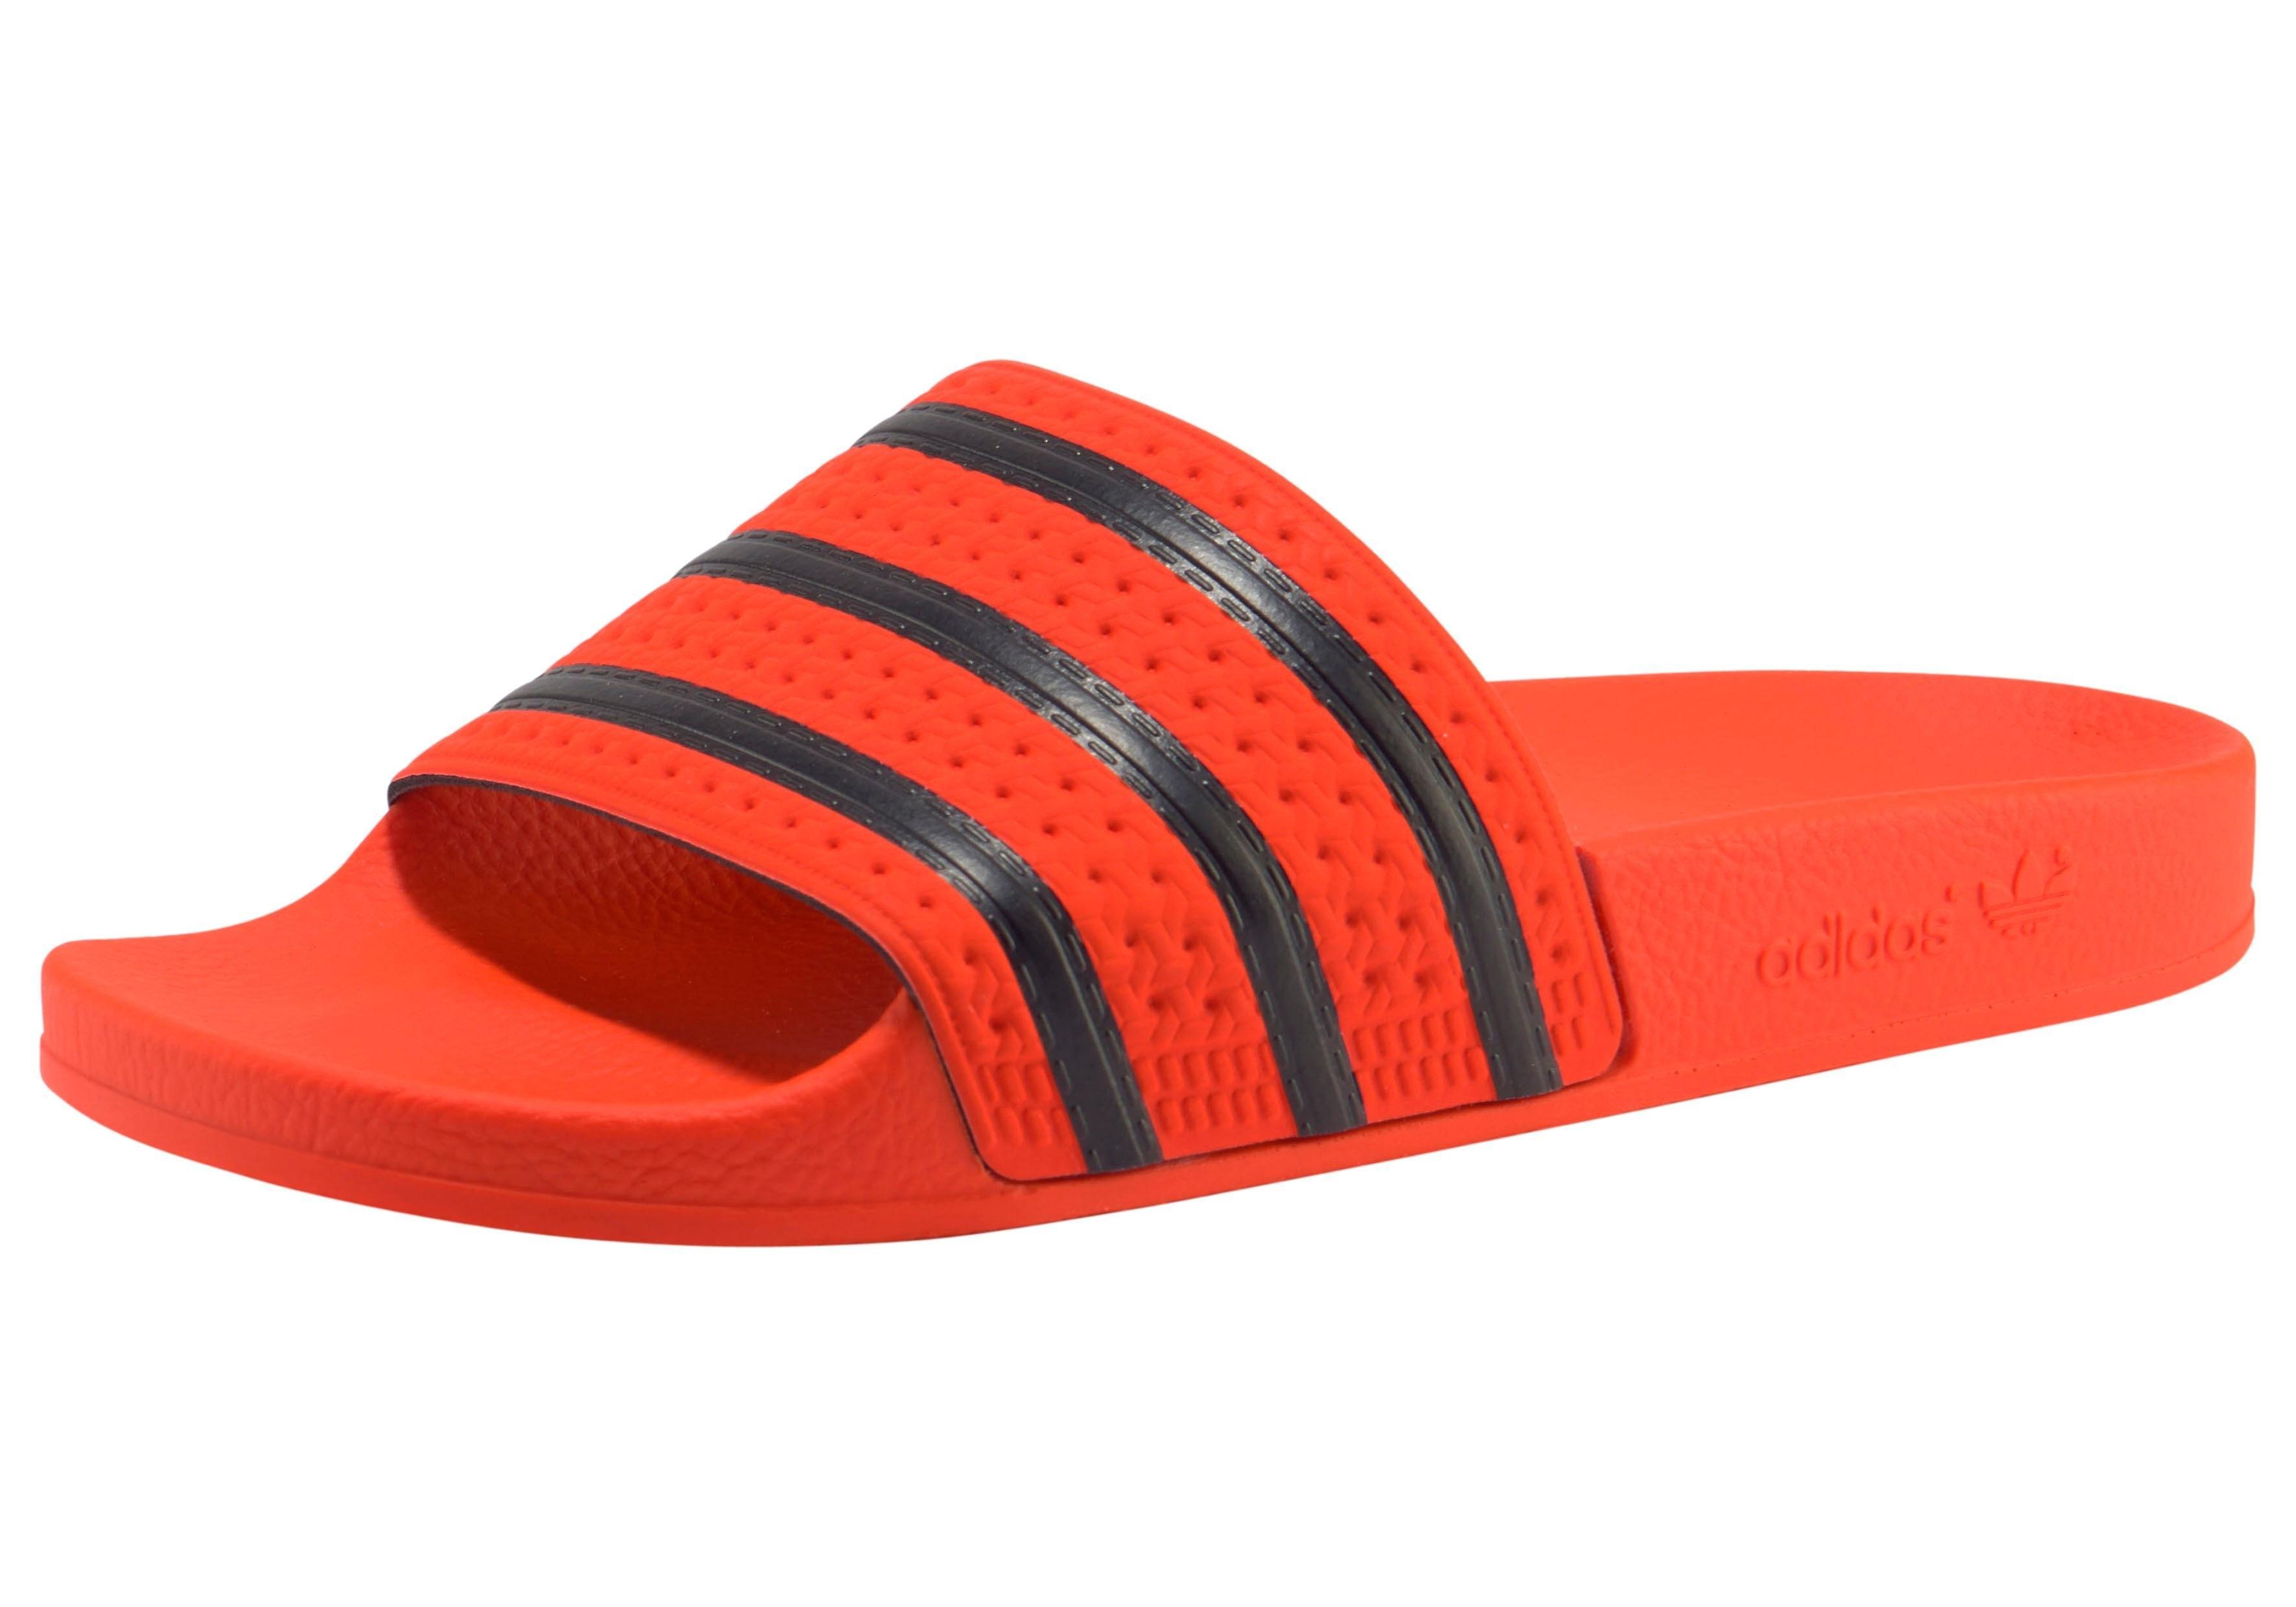 63e48f6d545 ... »MADRID« slippers, TAMARIS Sandaaltjes van imitatieleer, TAMARIS  Slingpumps van leer, LASCANA sneakers van textiel, RIEKER Dianets met 2,5  cm hoge hak, ...